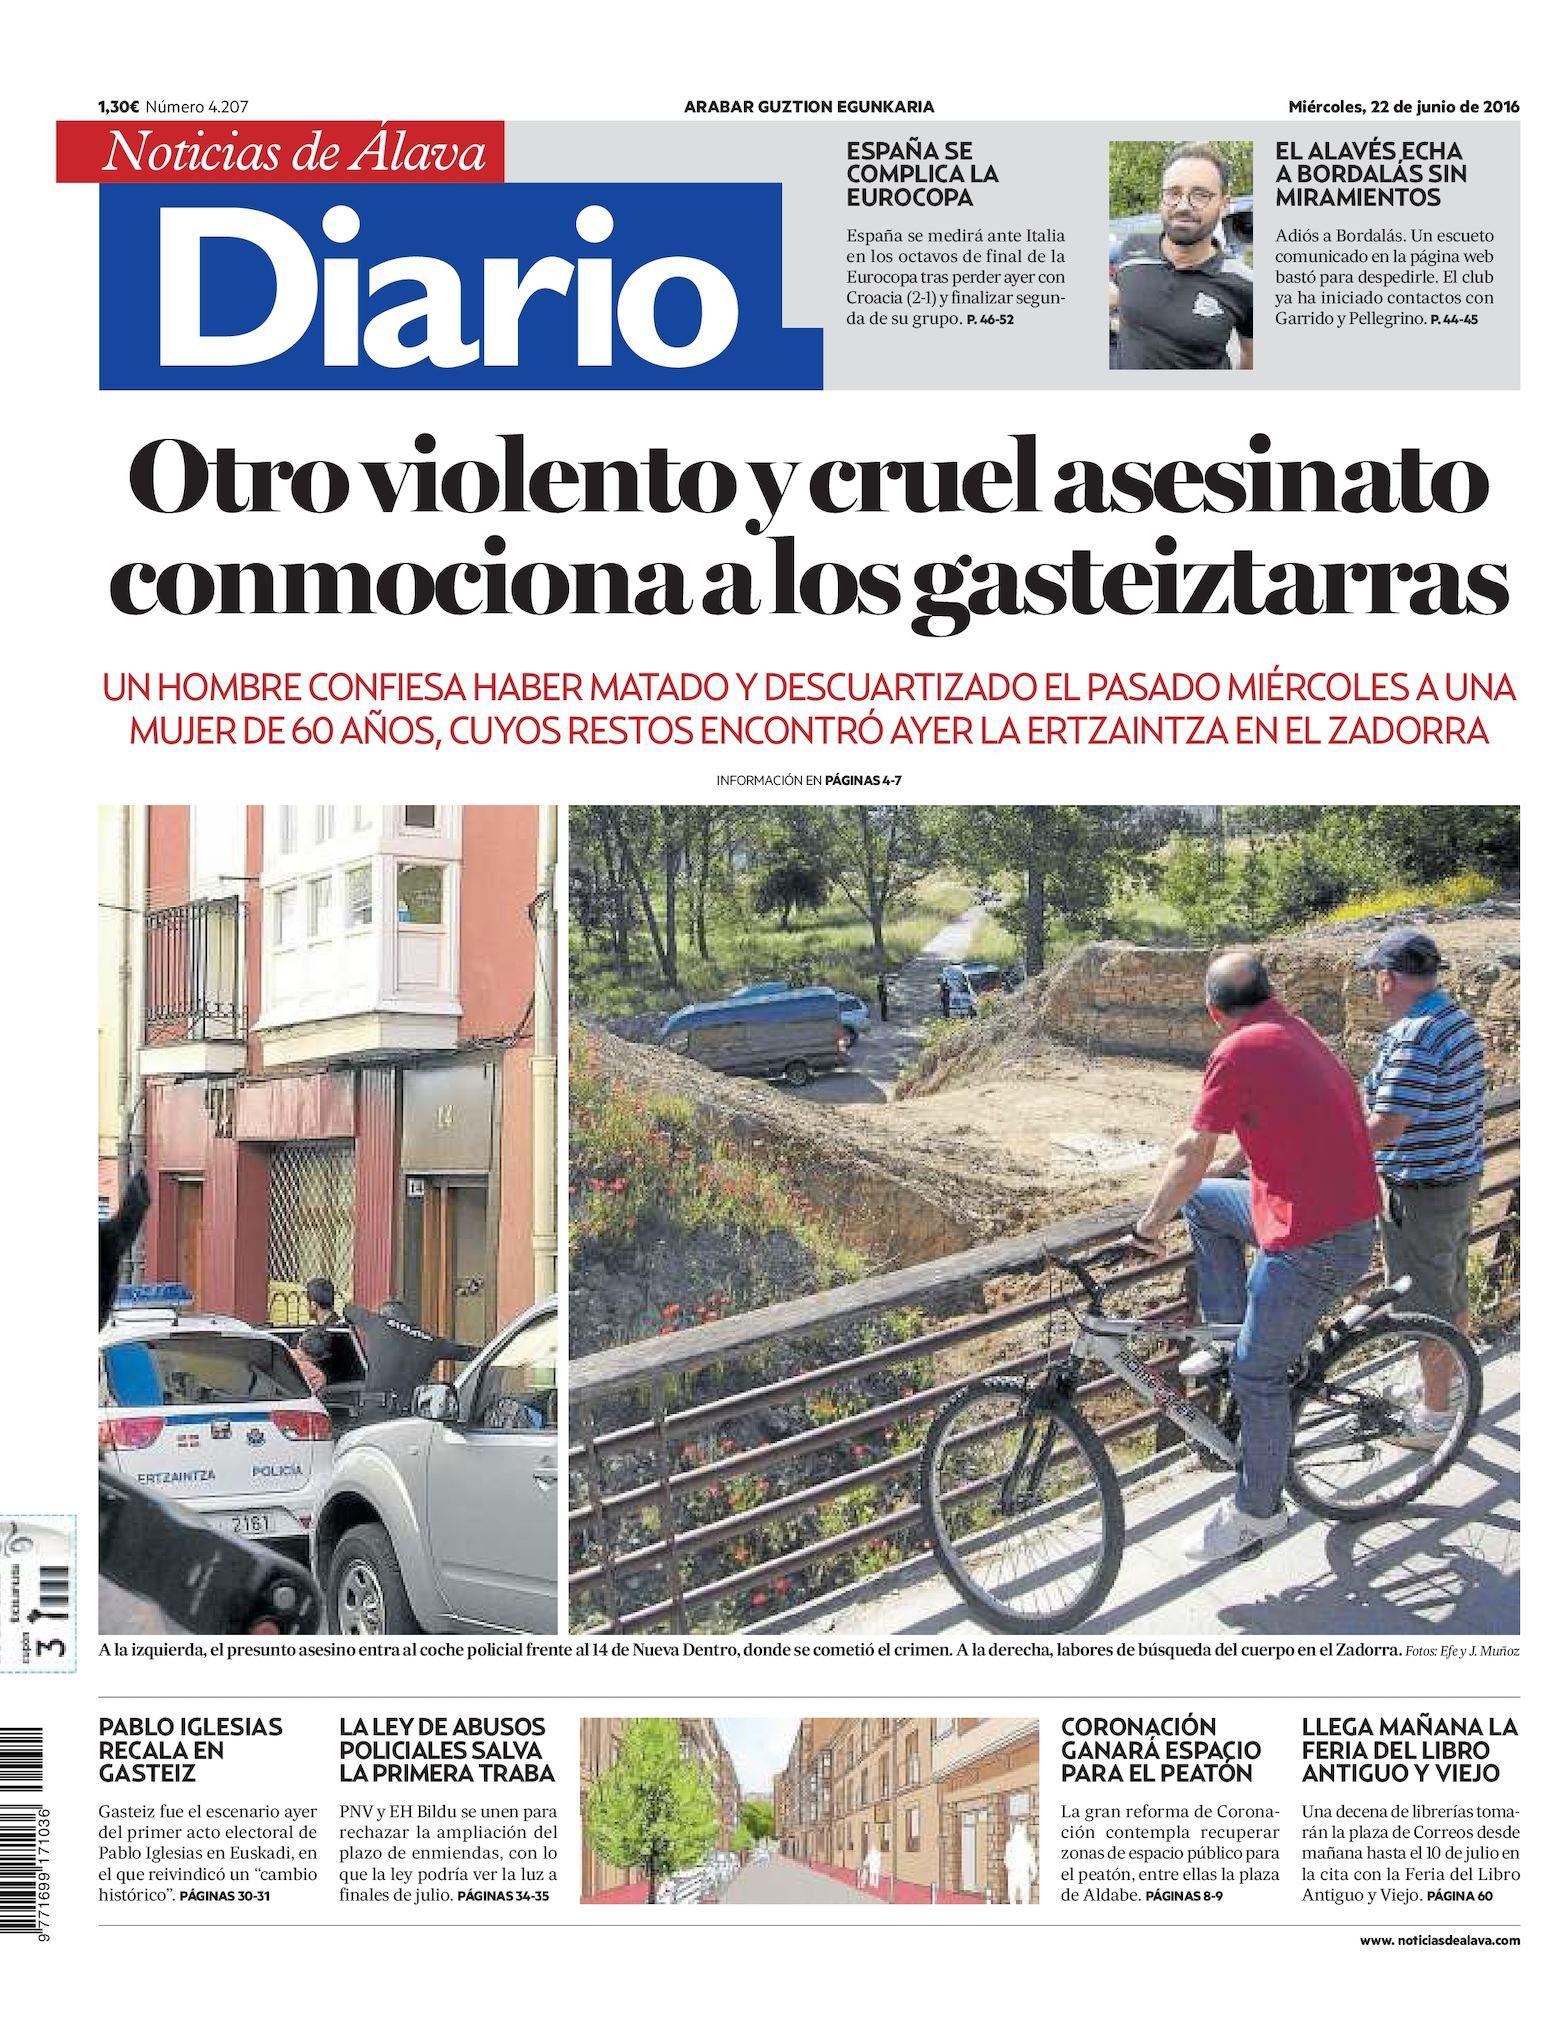 cbe34b3917 Calaméo - Diario de Noticias de Álava 20160622